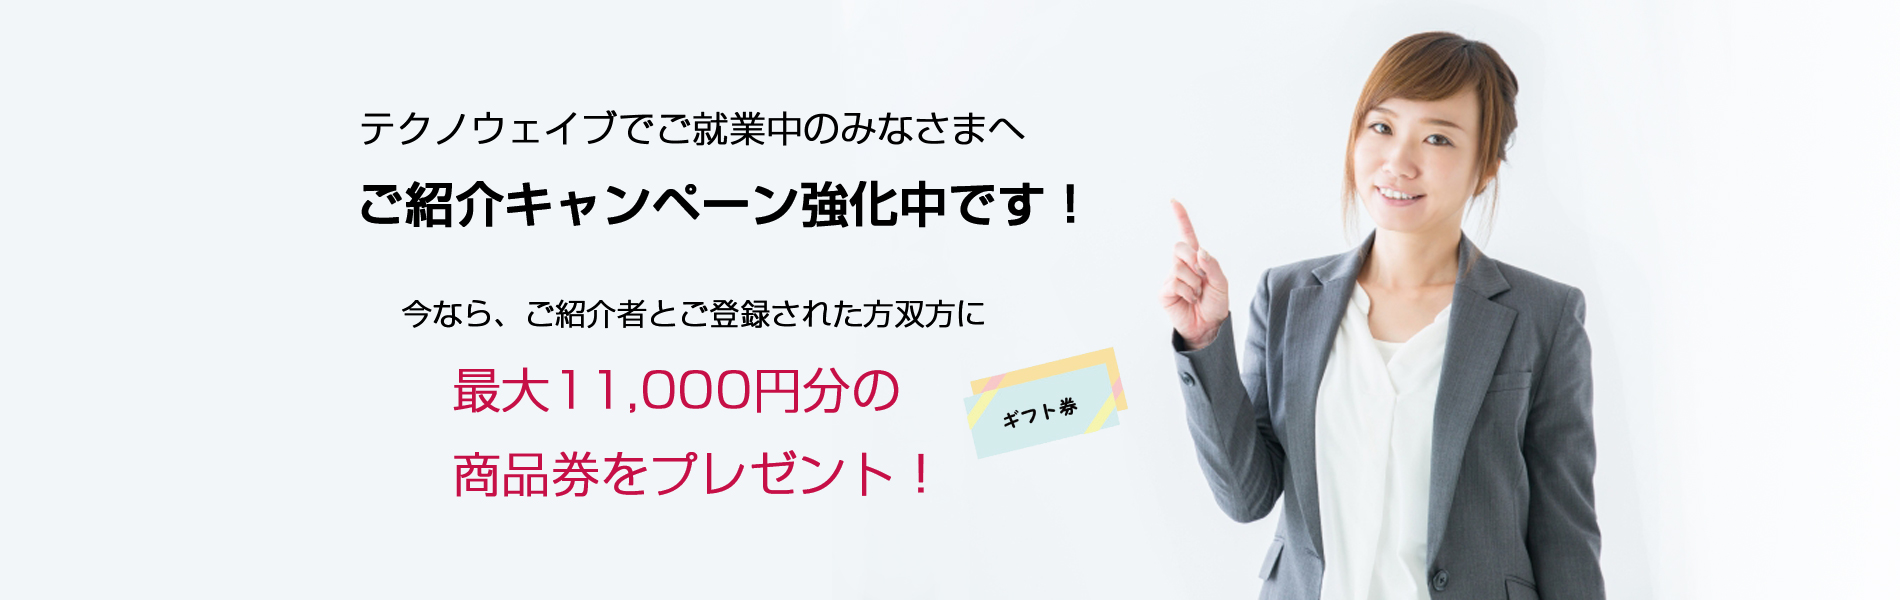 テクノウェイブでご就業中のみなさまへ、ご紹介キャンペーン強化中です!今なら、ご紹介者とご登録された方双方に、最大11,000円分の商品券をプレゼント!